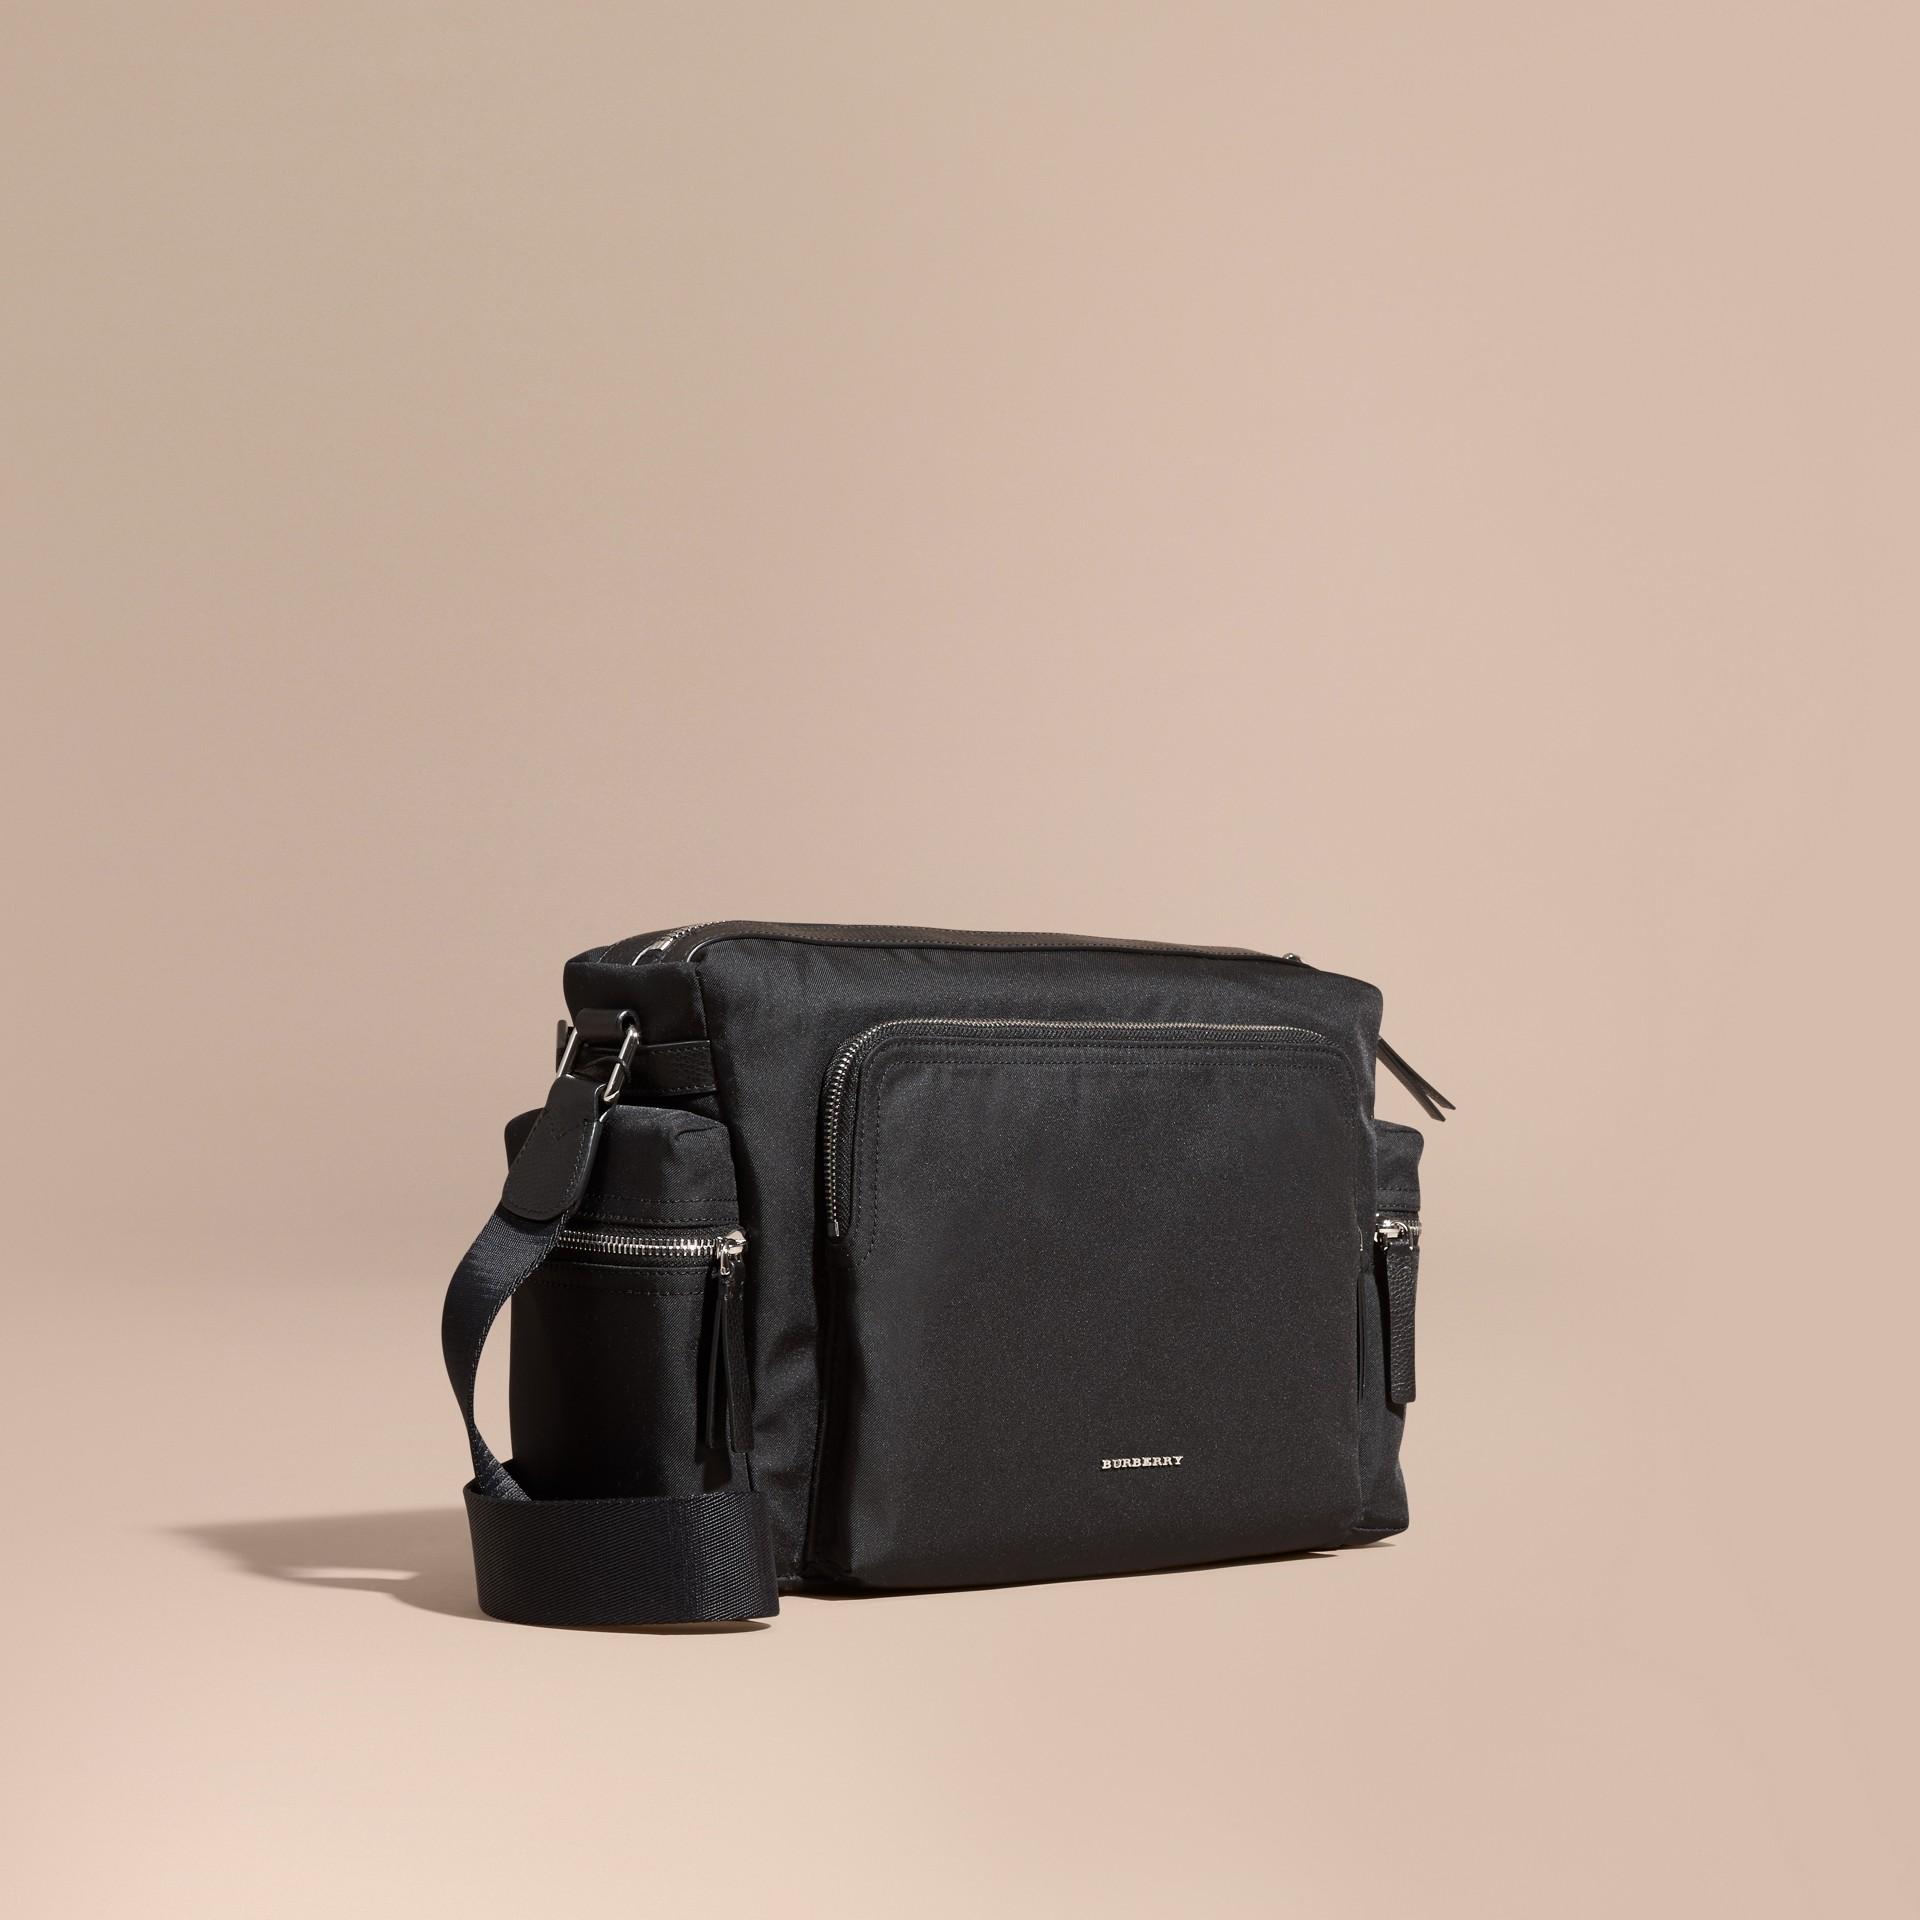 Black Leather Trim Messenger Bag Black - gallery image 1